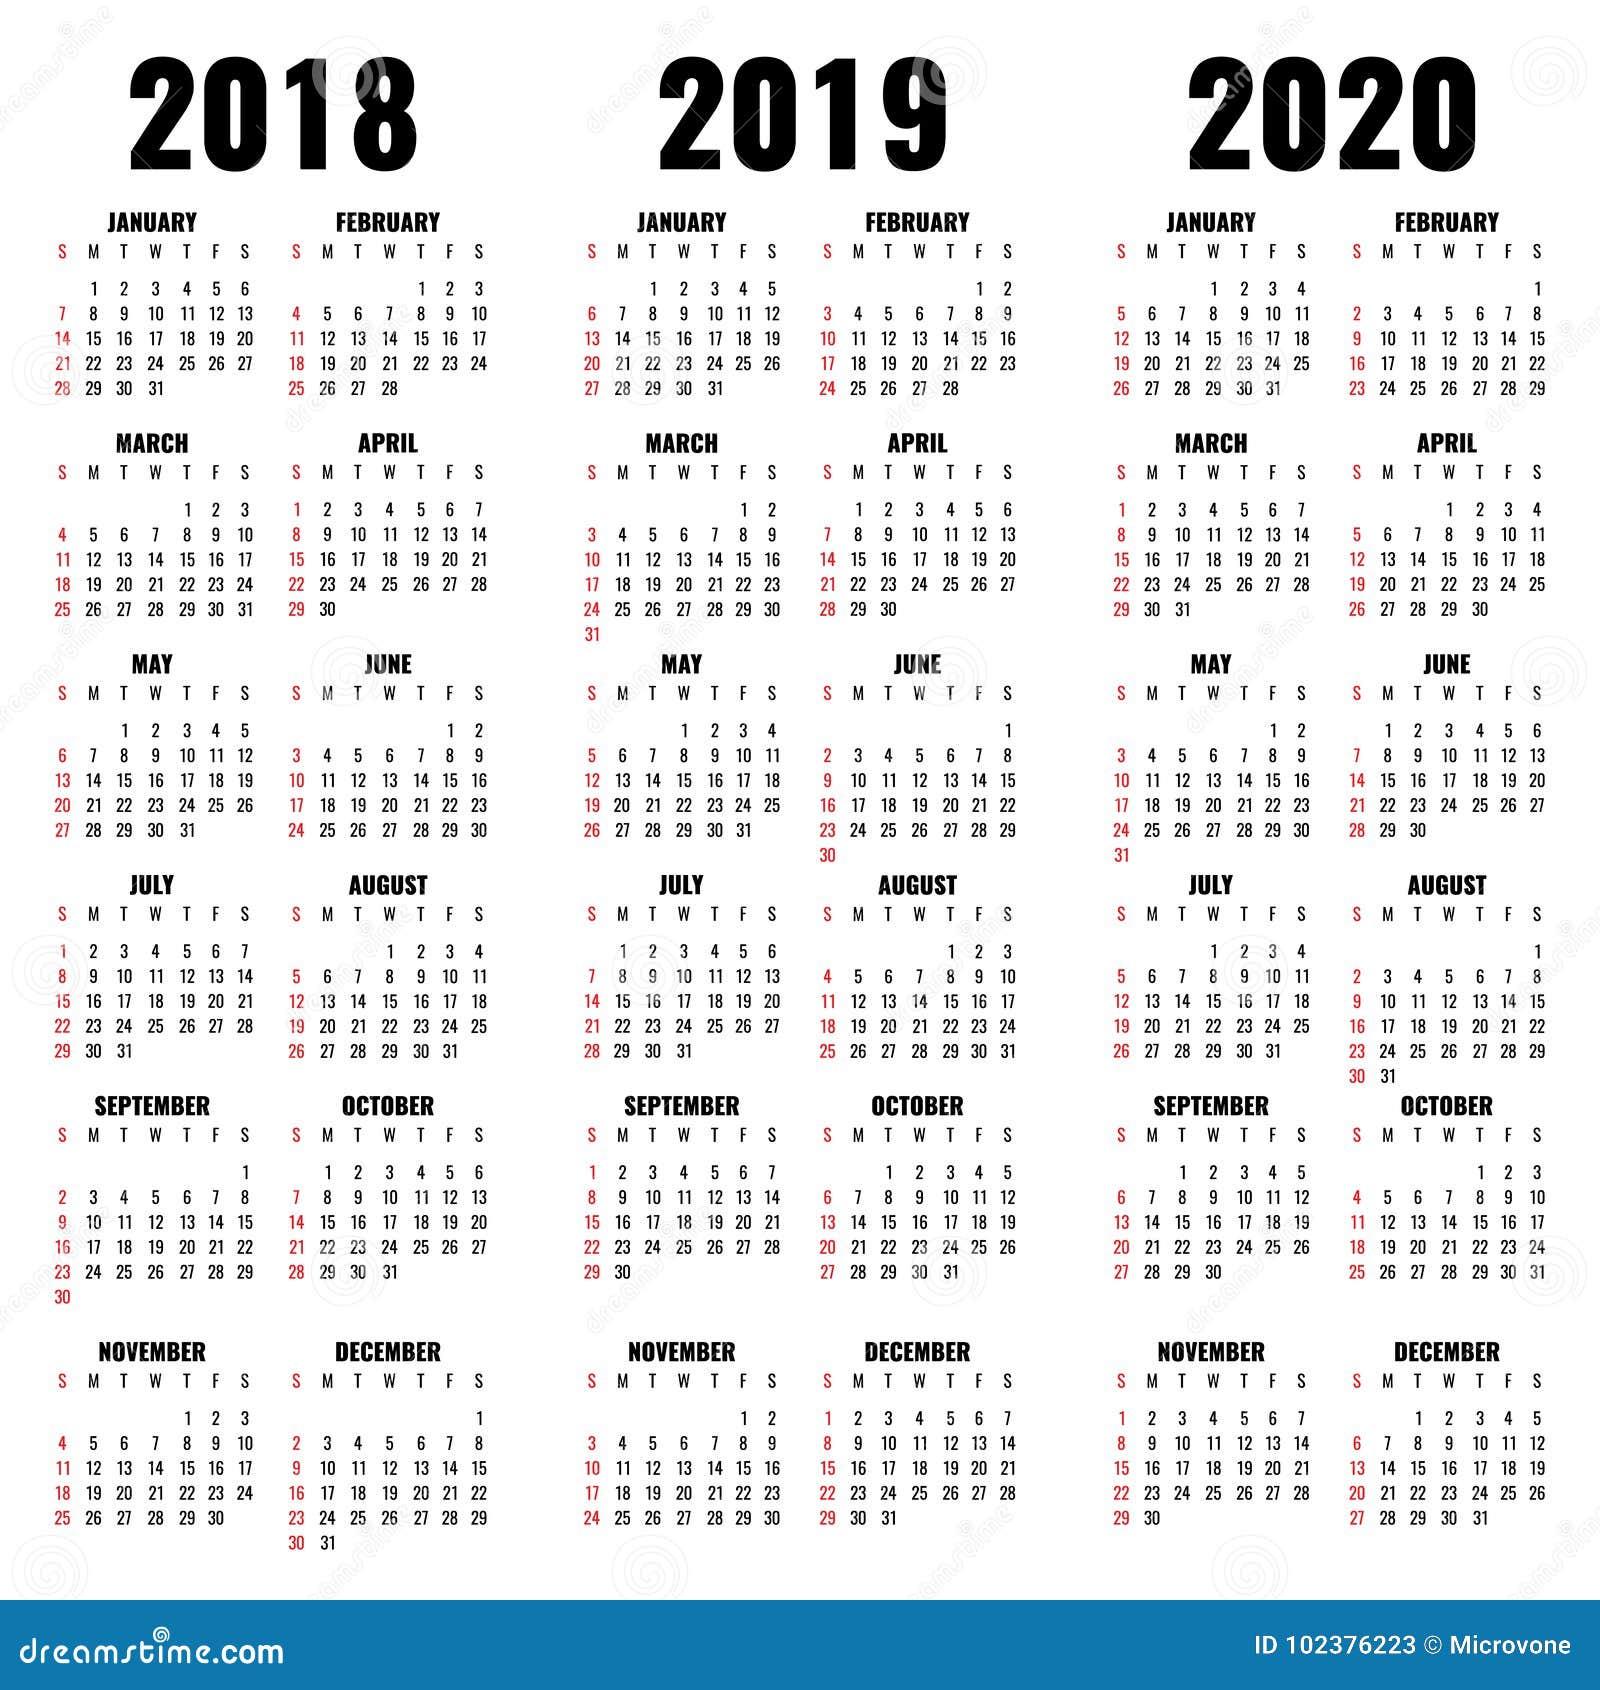 Novembre 2020 Calendario.Vector I Modelli Del Calendario 2018 2019 E 2020 Anni